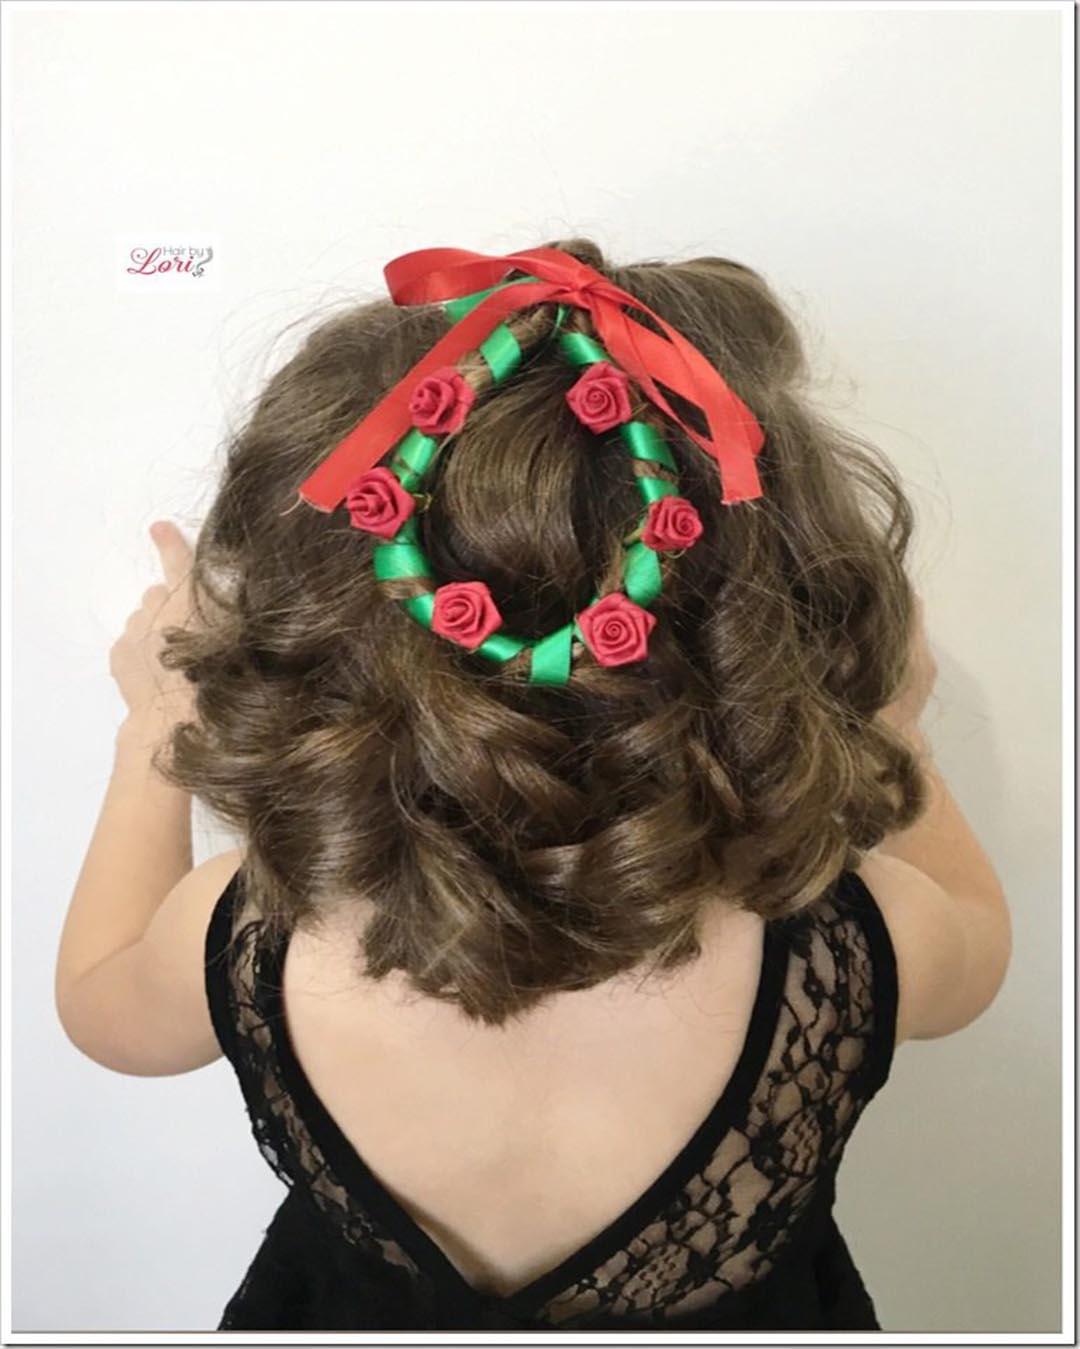 Súper fácil peinados para navidad Imagen de cortes de pelo estilo - Peinados de NAVIDAD para niñas fáciles y sencillos - ElSexoso